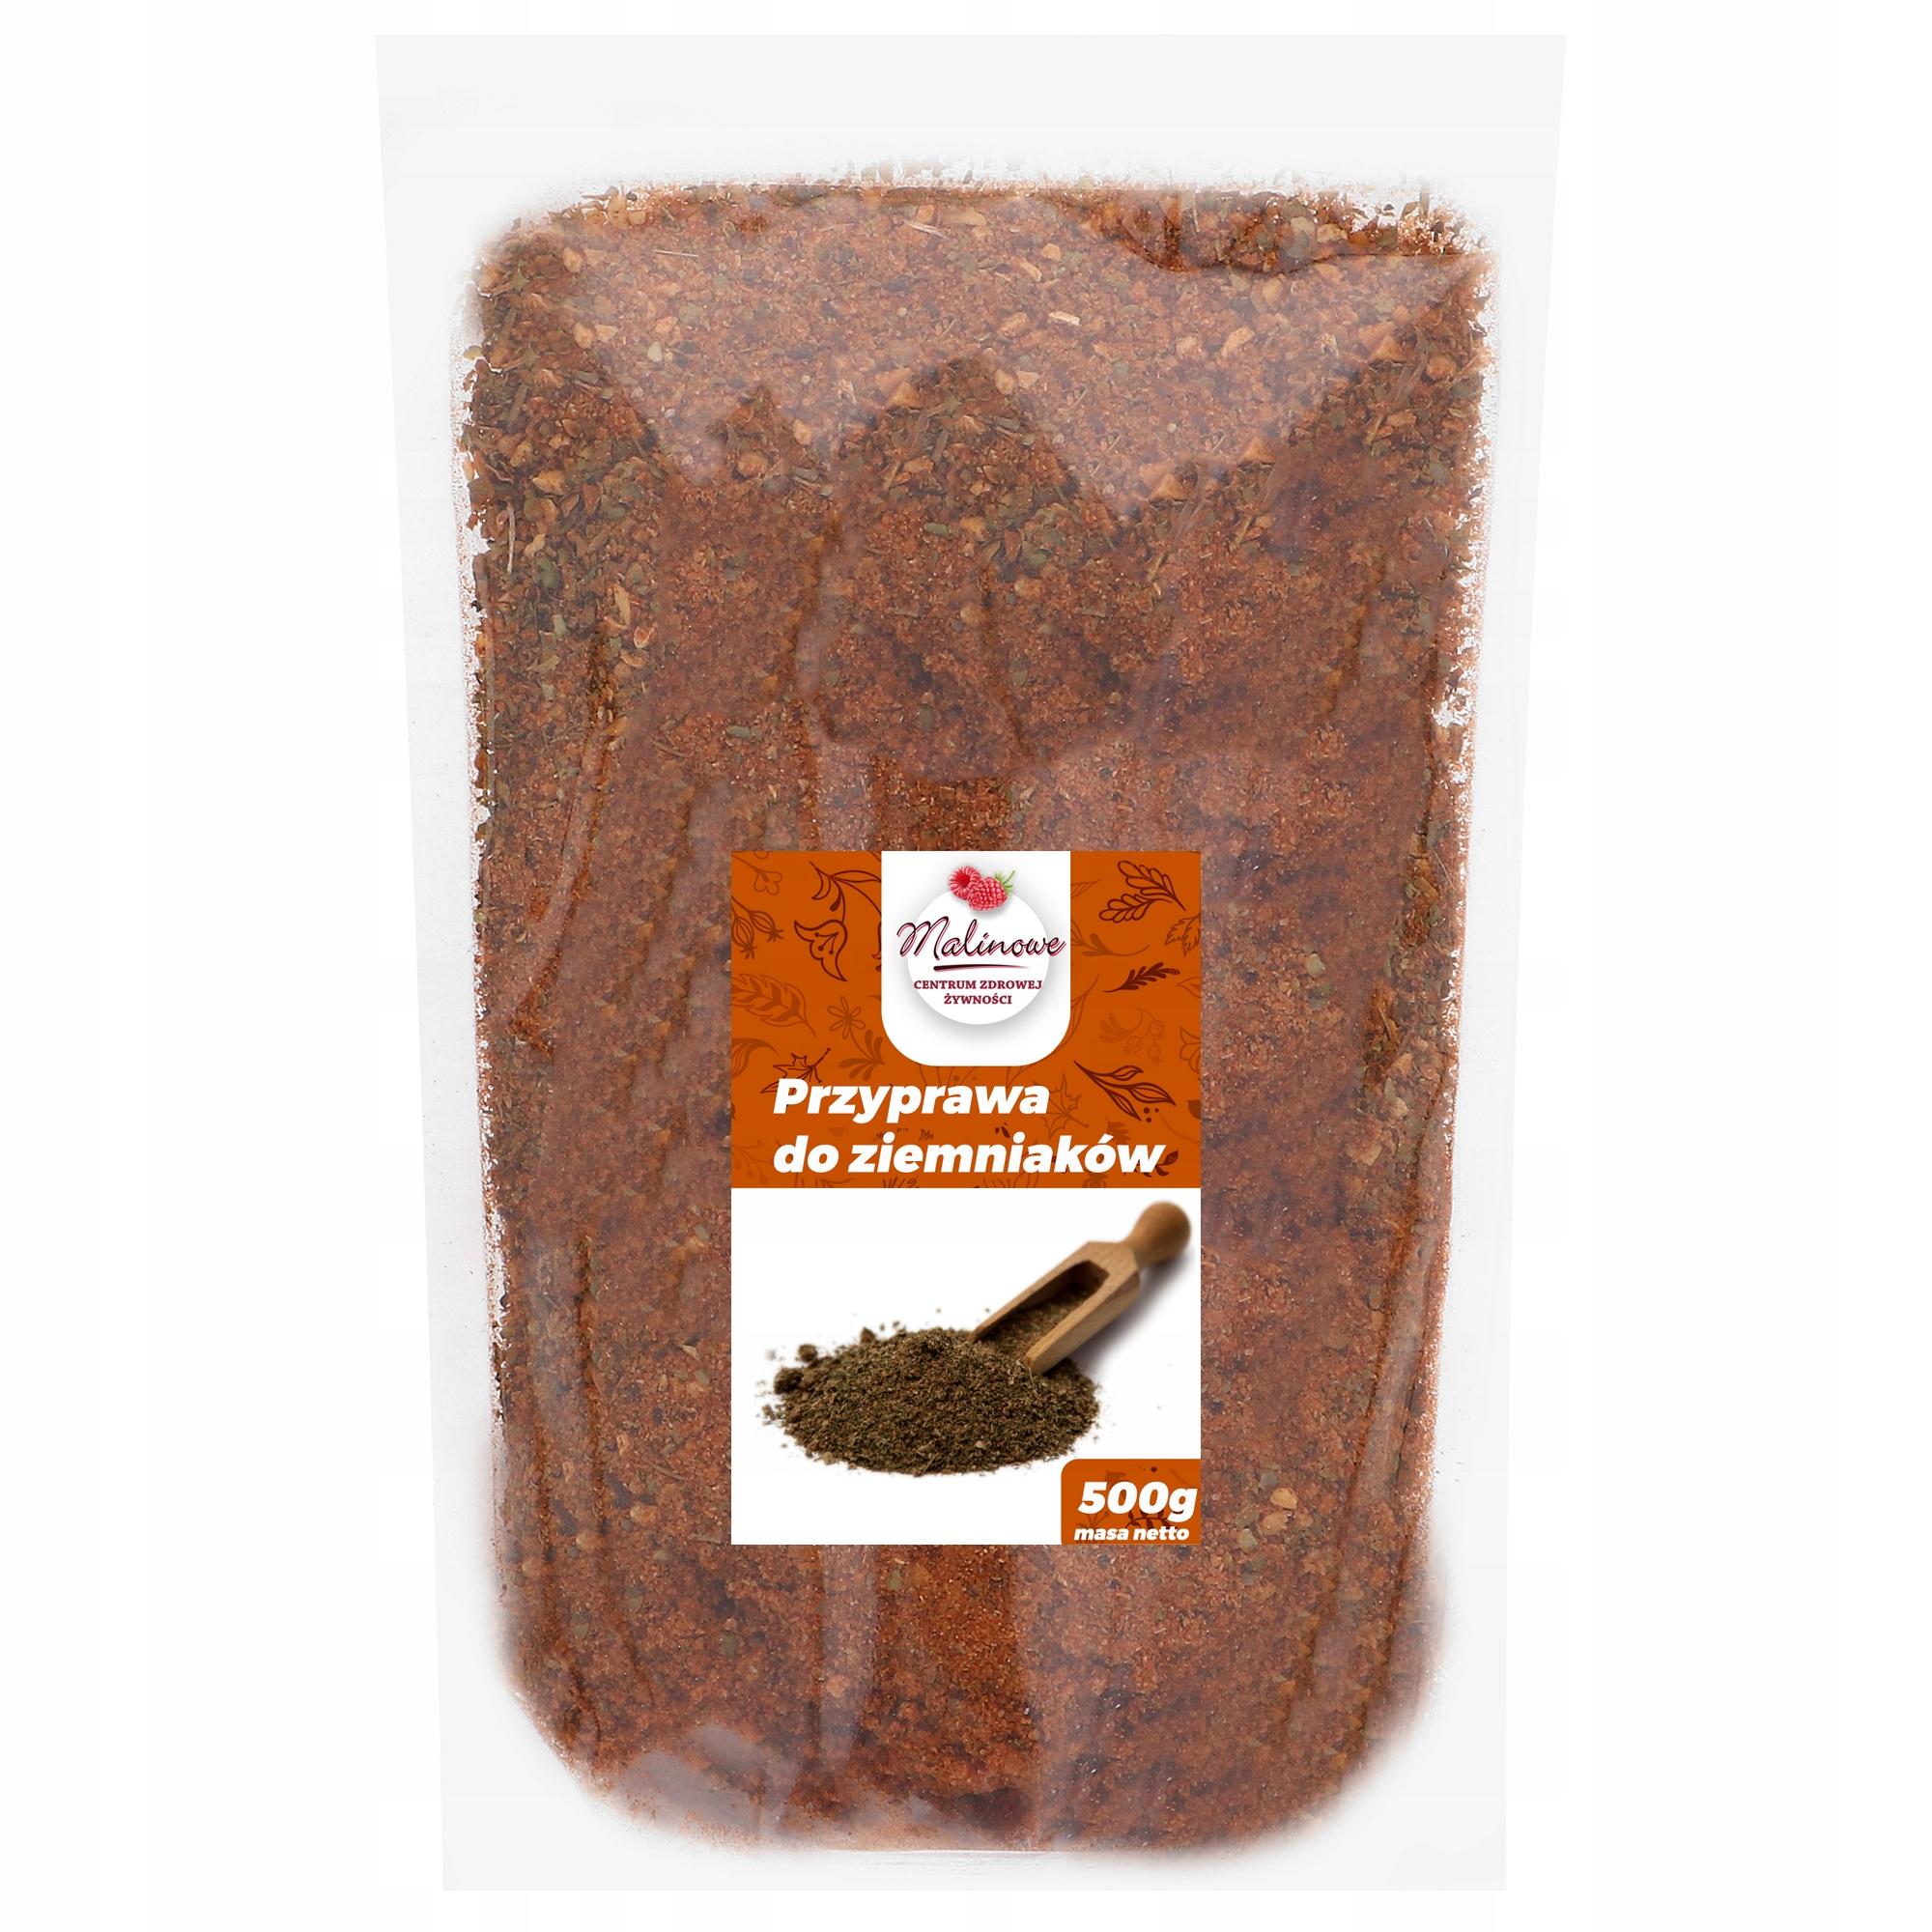 Приправа для картофеля и фри -250г